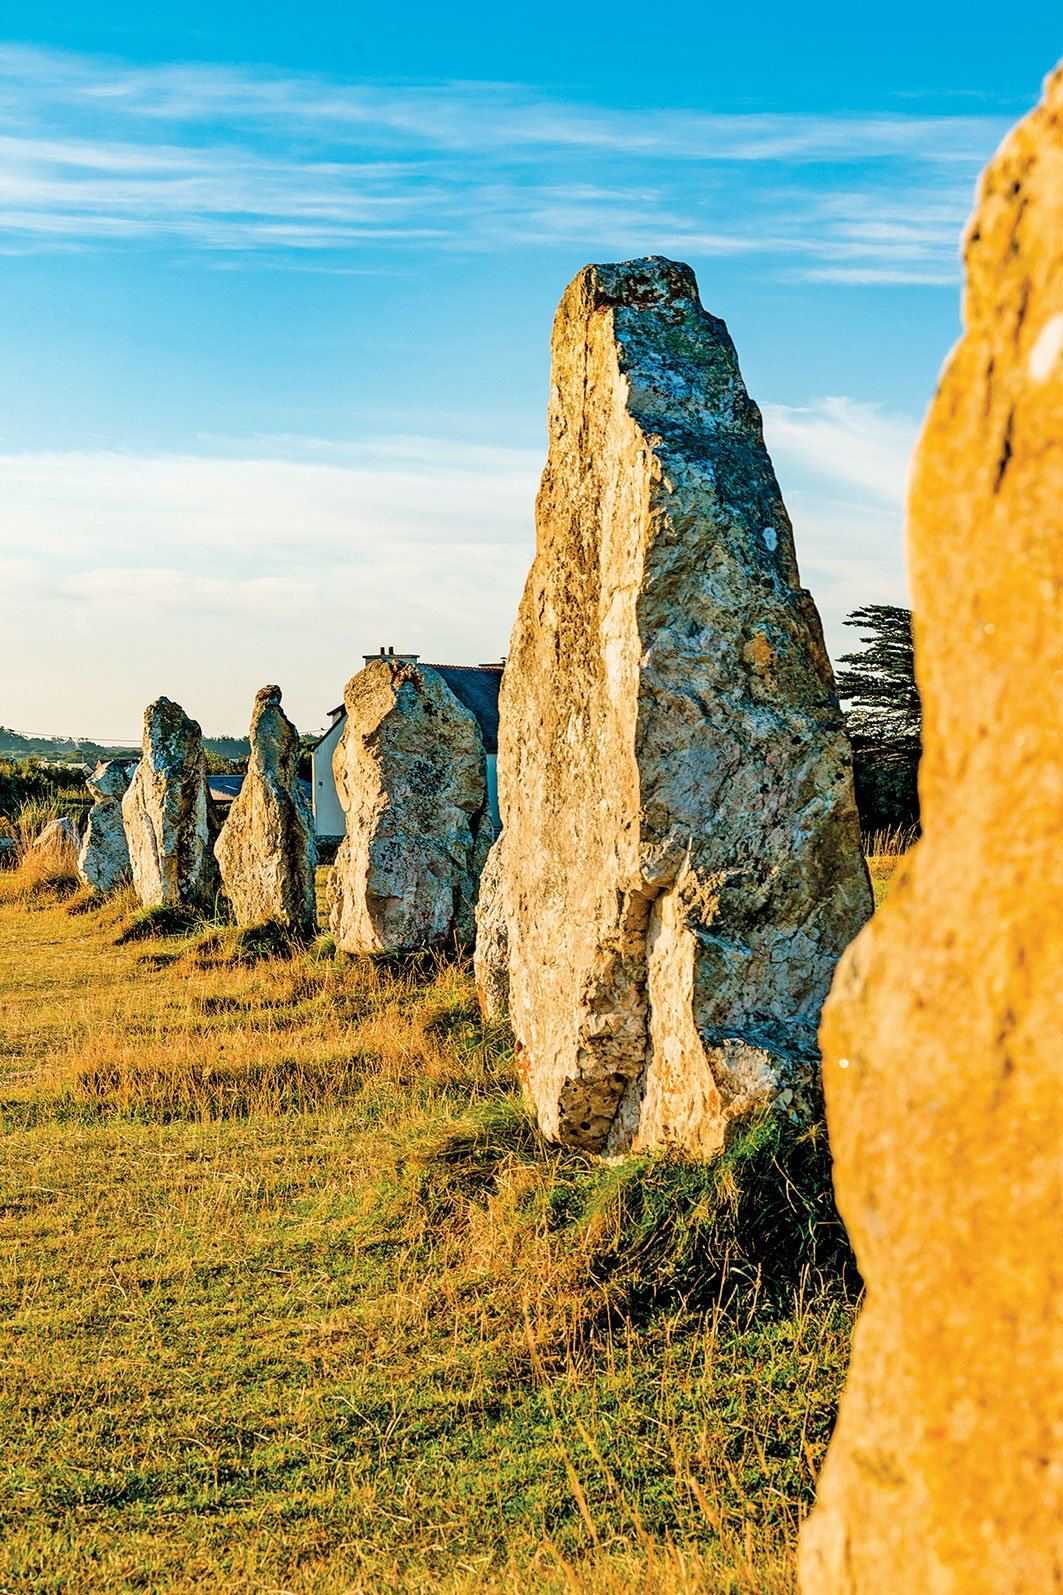 法國布列塔尼半島(Brittany)的卡奈克巨石林(Carnac stones)有超過3,000塊史前巨石列隊成行,像士兵一樣排排站。(makasana photo/Shutterstock)